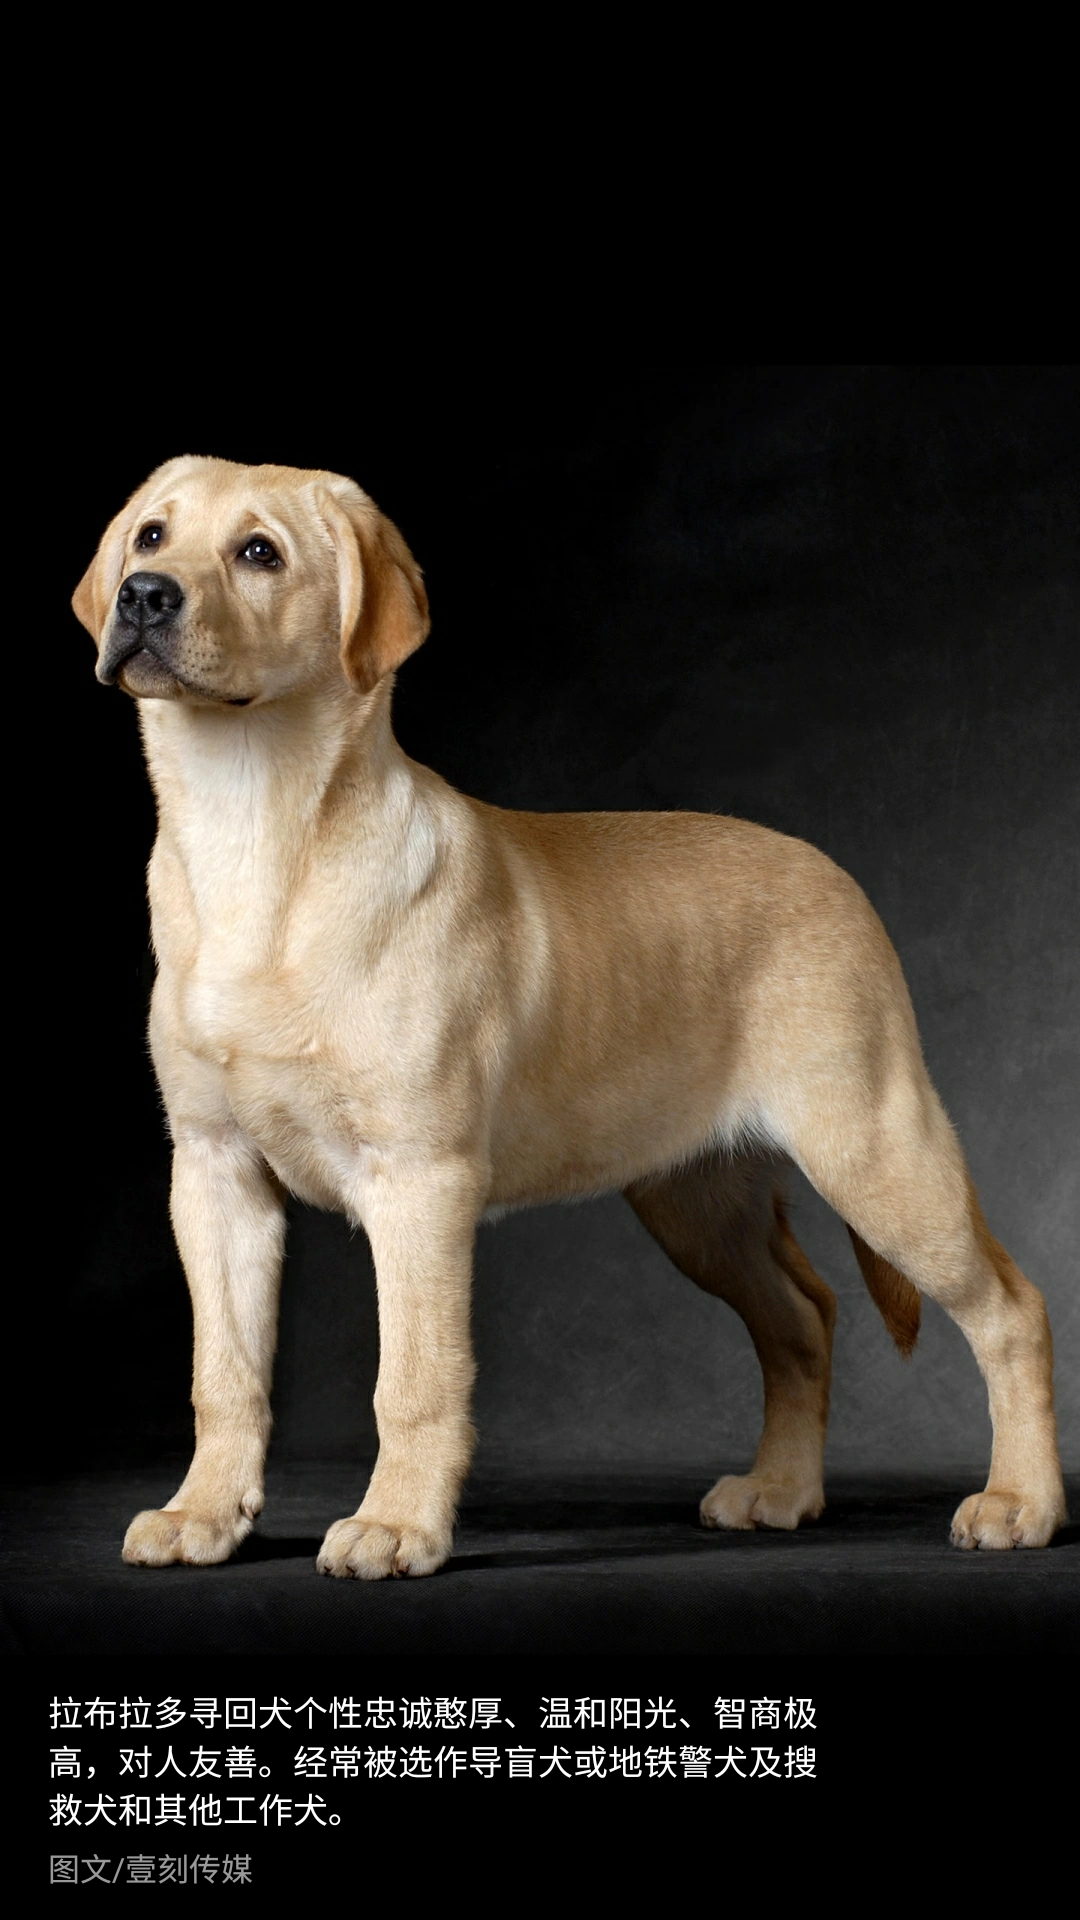 最忠诚的狗_这条土狗它原来是中华田园犬